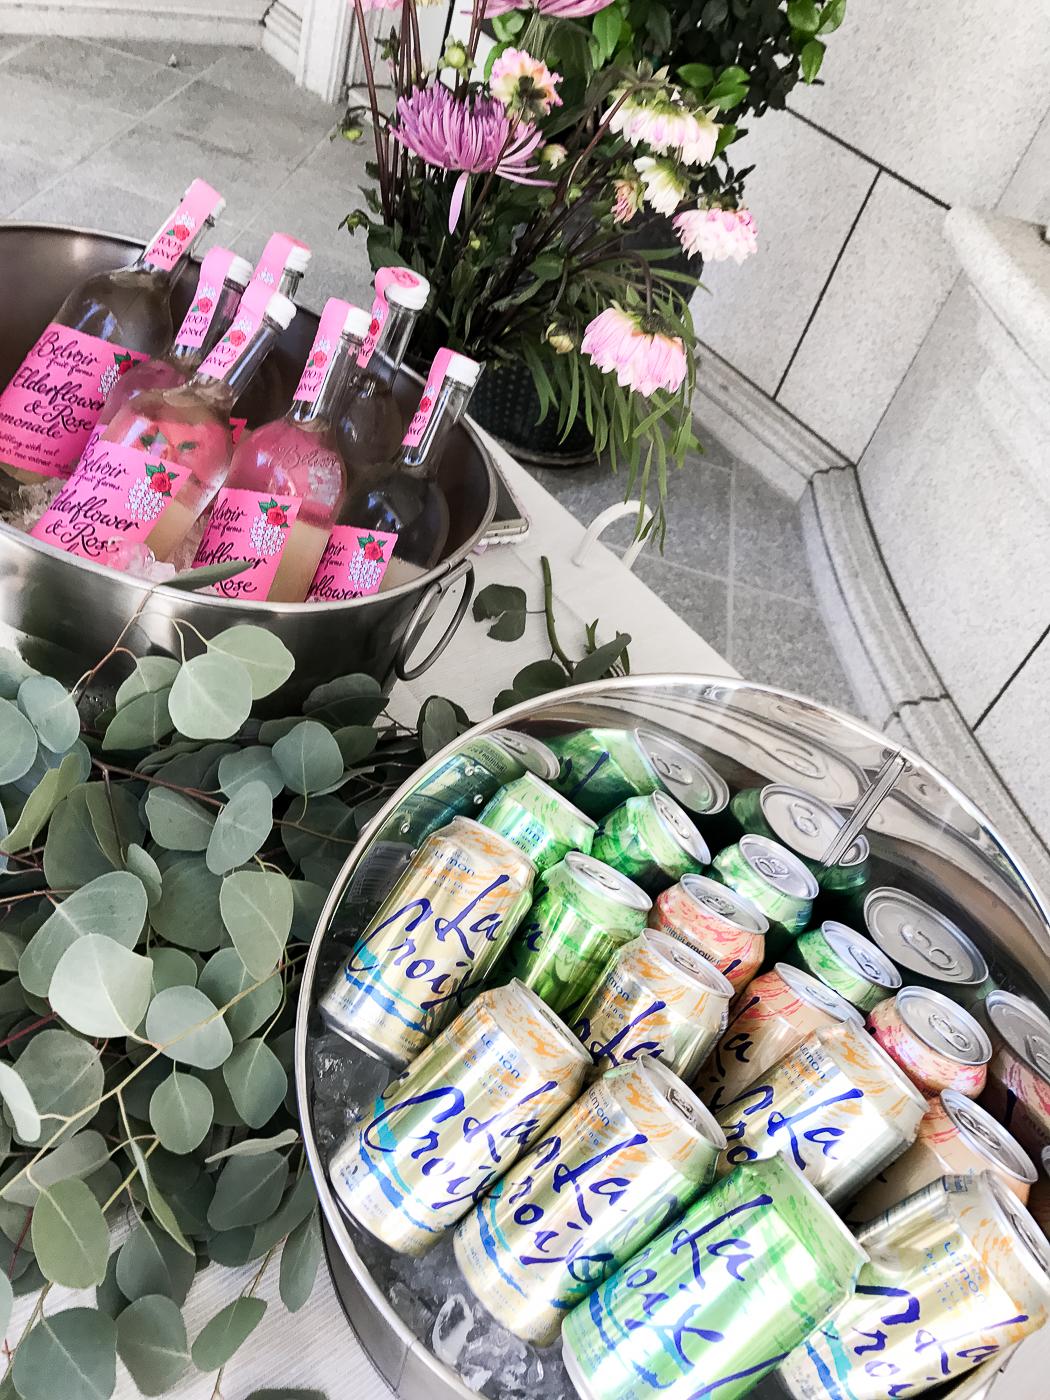 100% Pure Garden Beauty Brunch Belvoir & La Croix   The Chic Diary